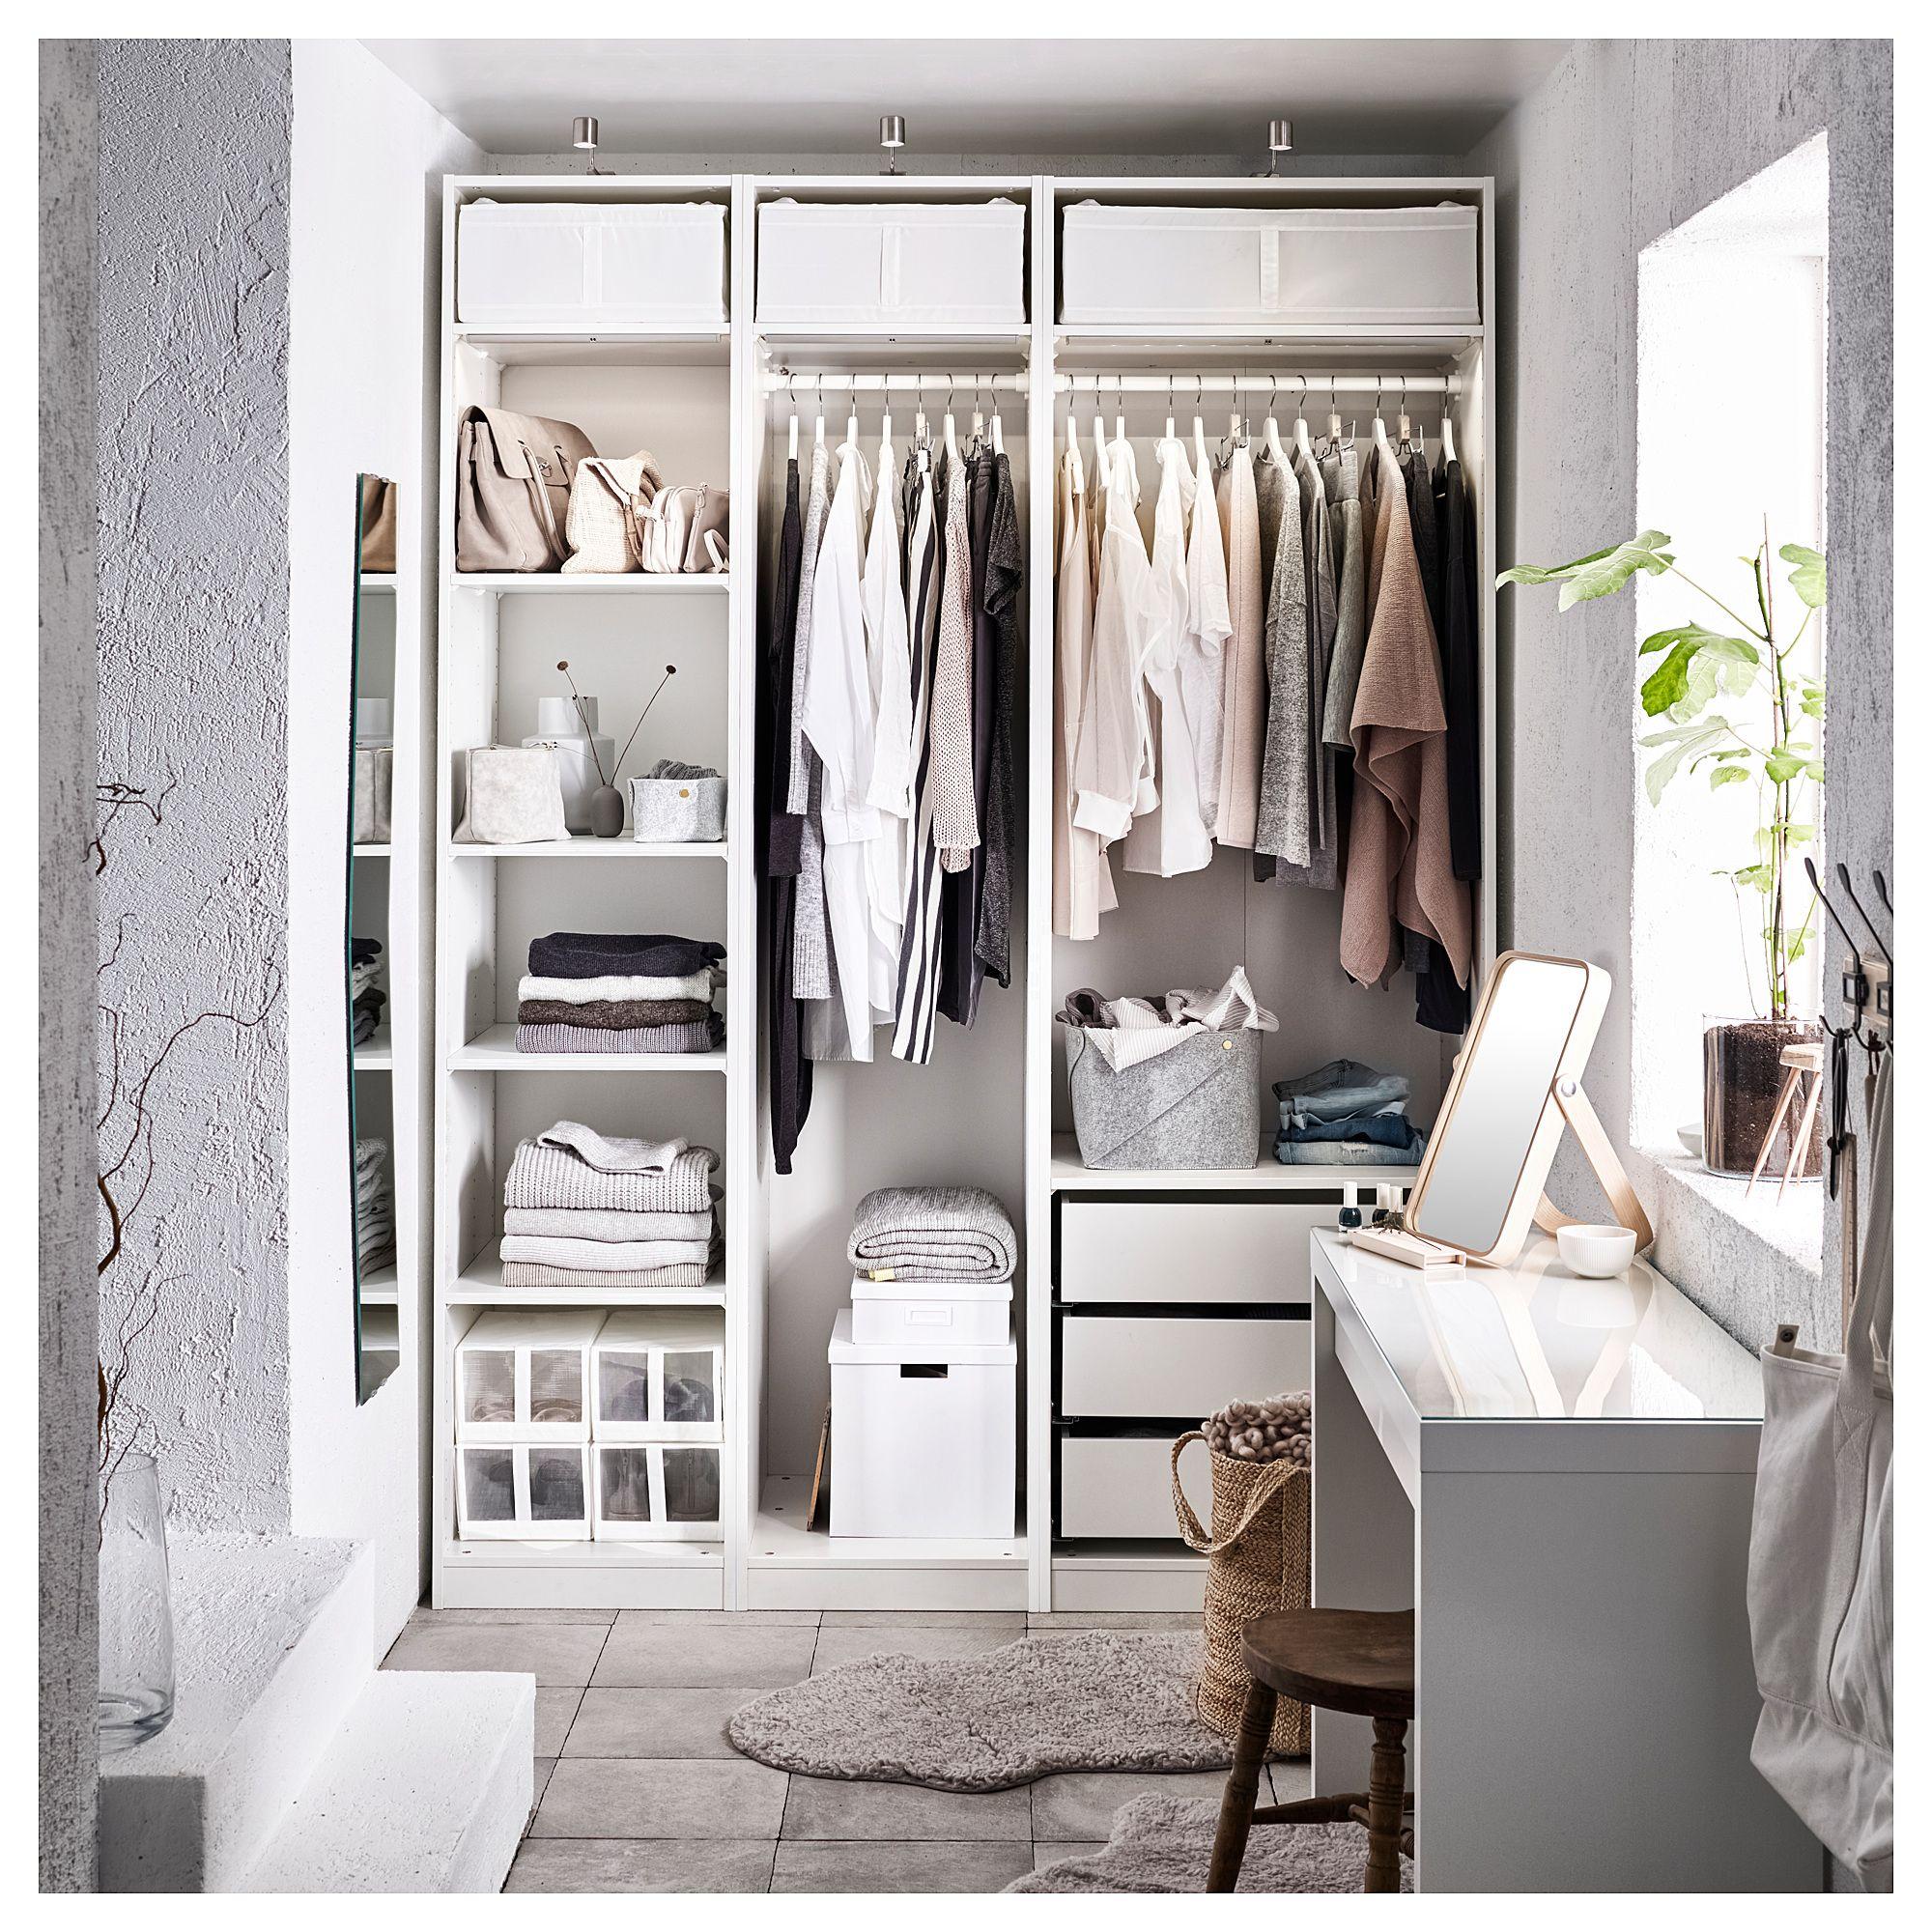 Pax Wardrobe White 68 7 8x22 7 8x93 1 8 175x58x236 Cm Ikea